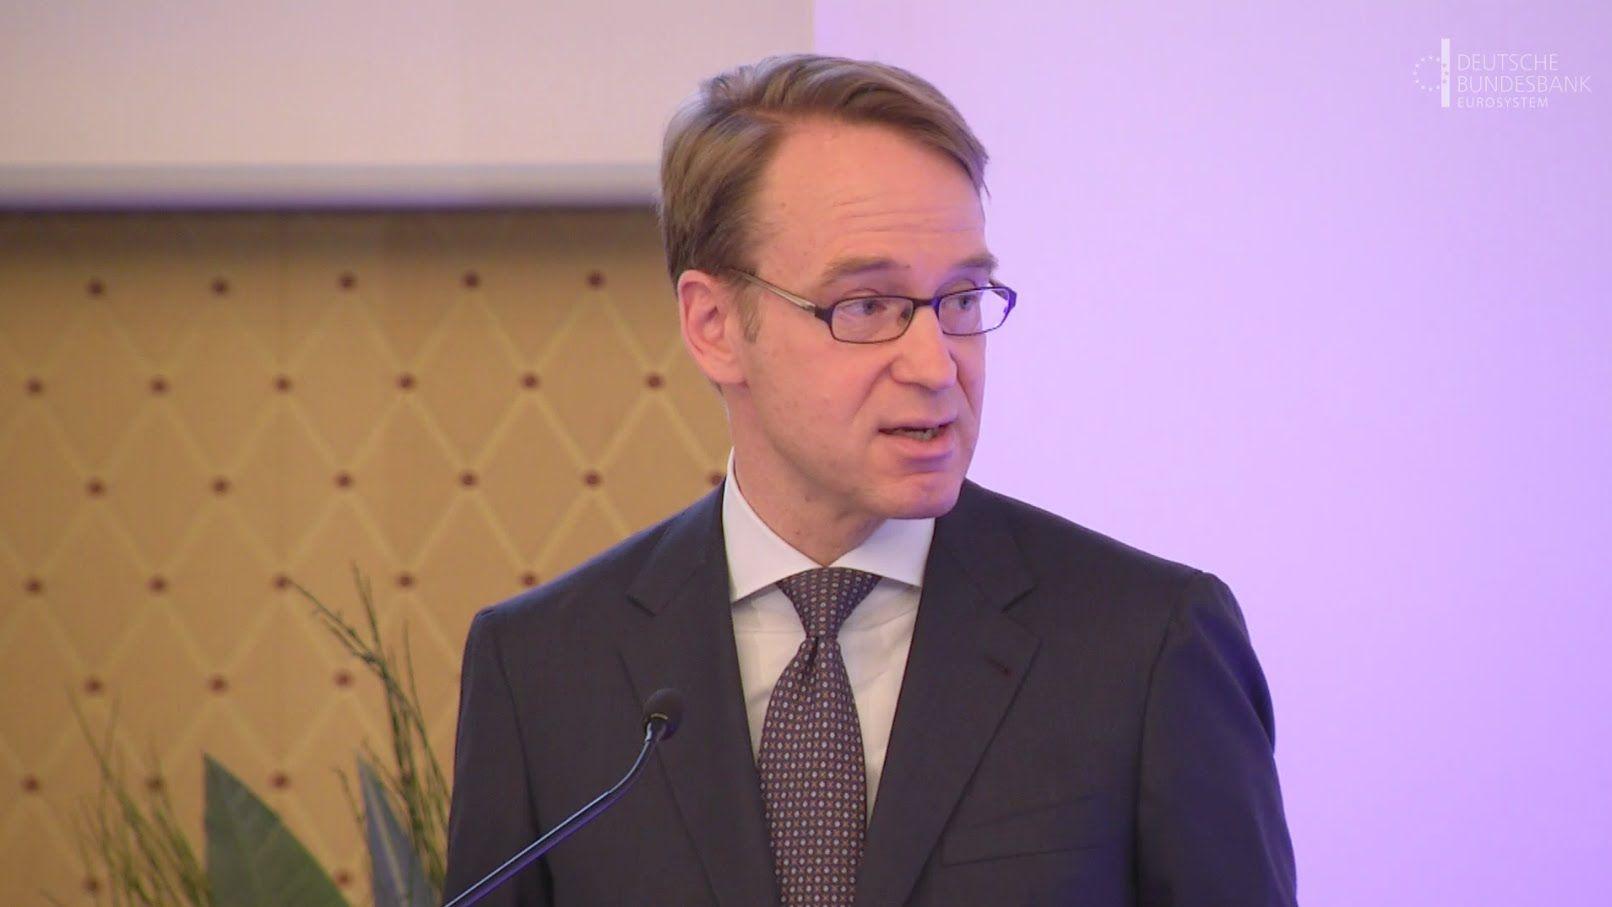 El alemán Weidmann prepara su candidatura al BCE, con el apoyo de Rajoy